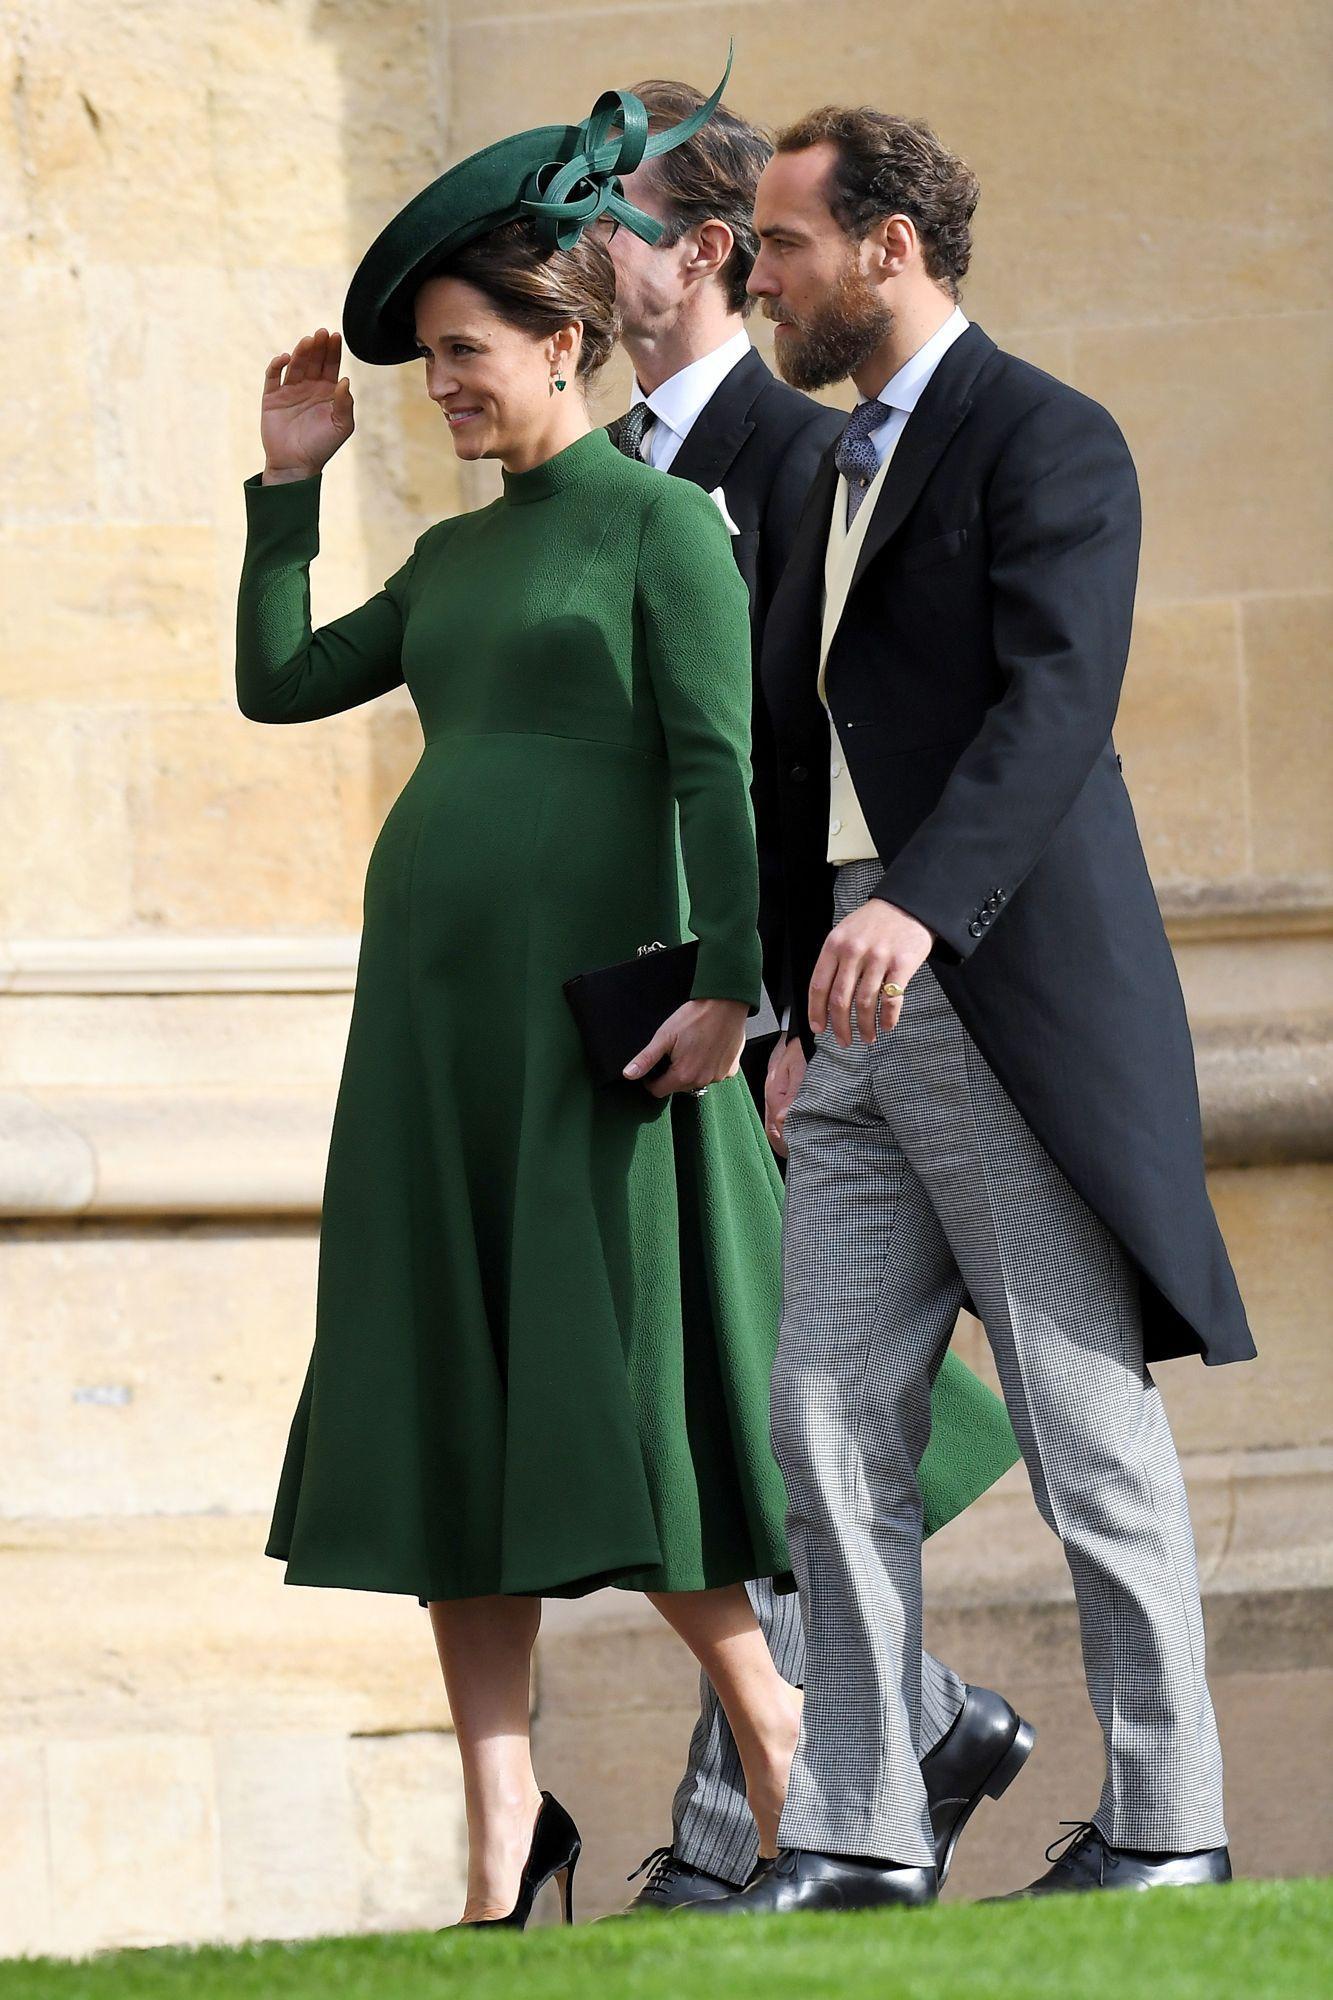 Matrimonio Pippa Middleton : 9 months pregnant pippa middleton arrives for princess eugenies